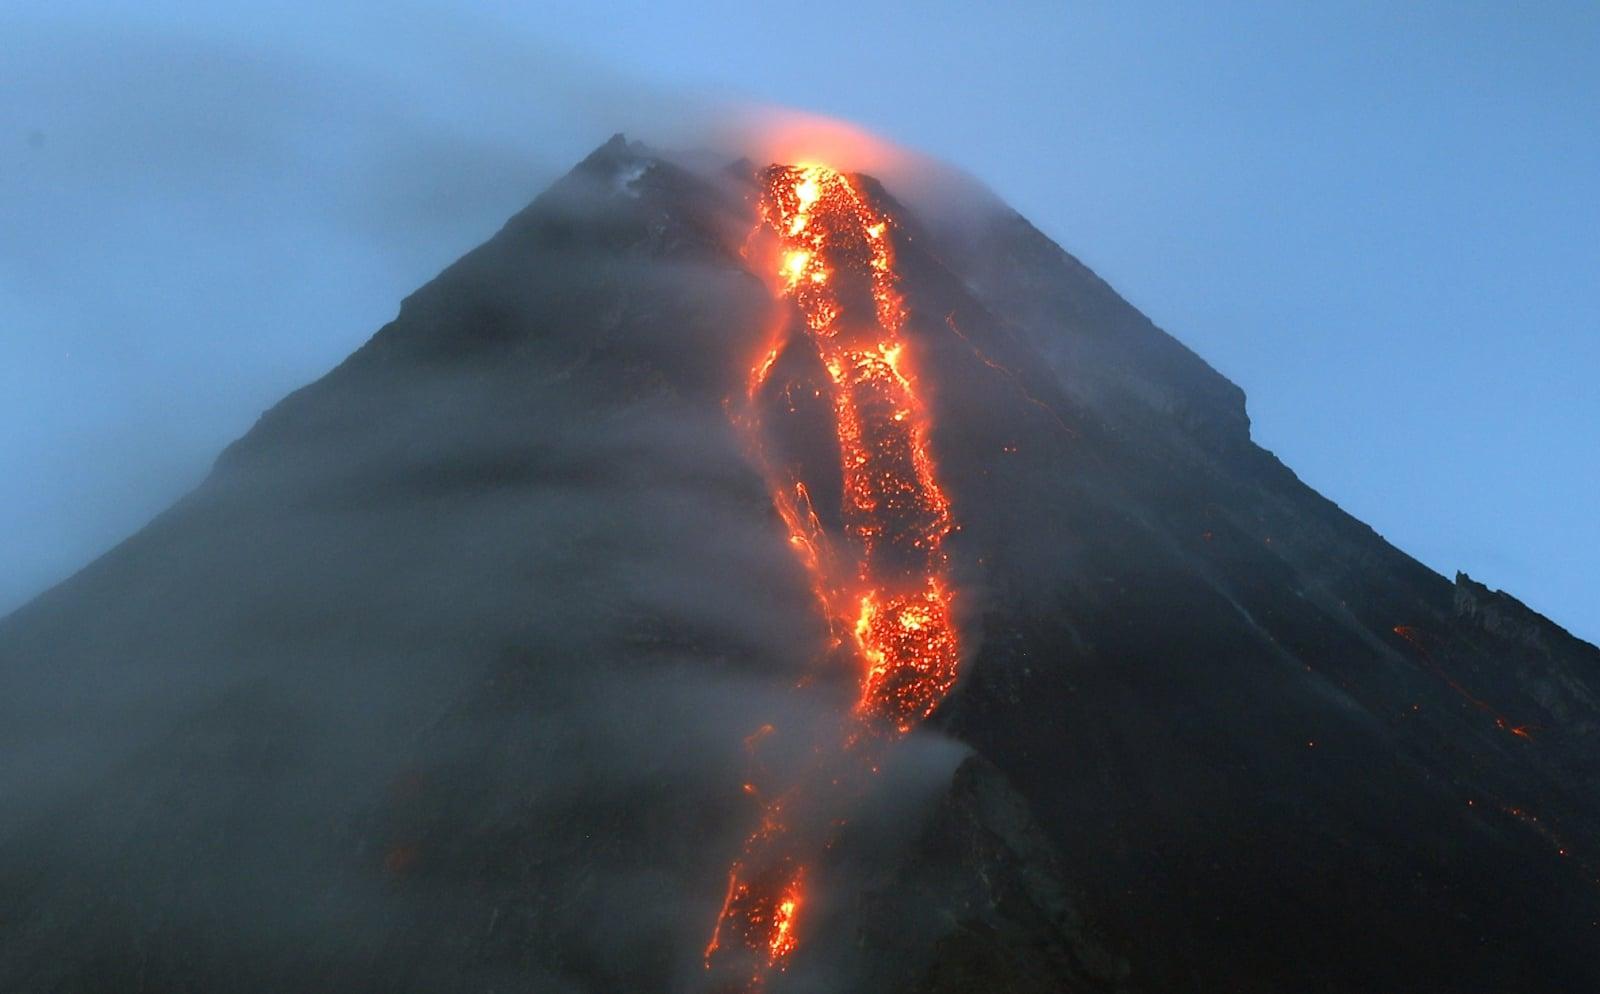 Lawa spływająca po zboczu wulkanu Mayon, Filipiny. Ponad 15 tysięcy ludzi mieszkających w promieniu 6 km od krateru zostało ewakuowanych ze względu na możliwy wybuch wulkanu w ciągu najbliższych dni lub tygodni, fot. EPA/FRANCIS R. MALASIG